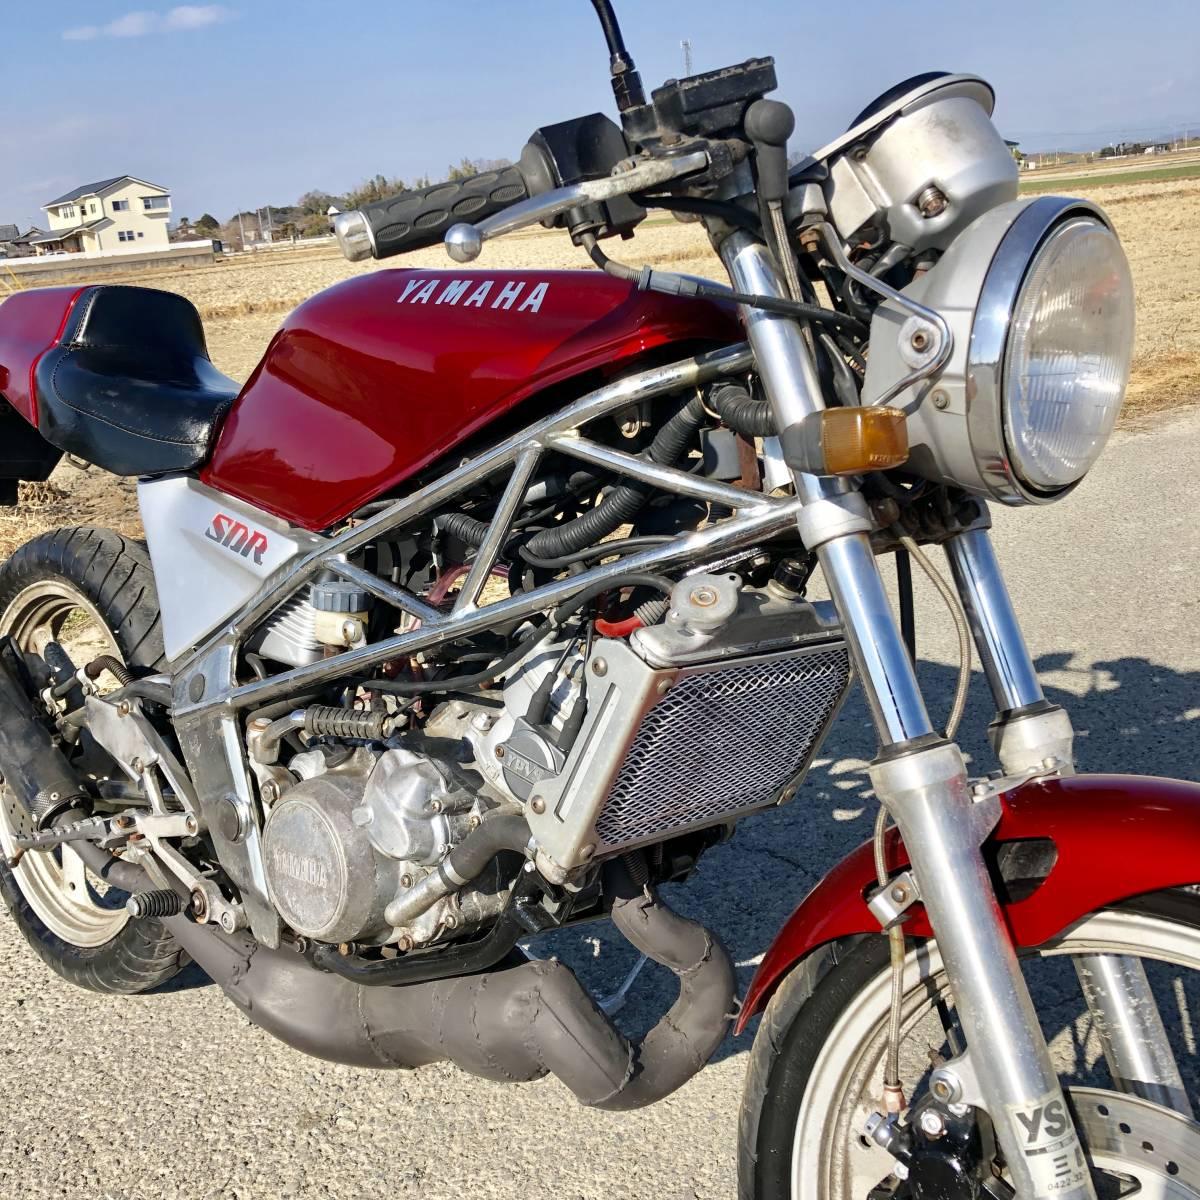 ヤマハSDR200 好調 2スト人気 改 希 少売り切り ホンダスズキカワサキ検)NS TZ MVX VT FW FZR RG R1Z CBR RZ GT NSR TS KR_画像8